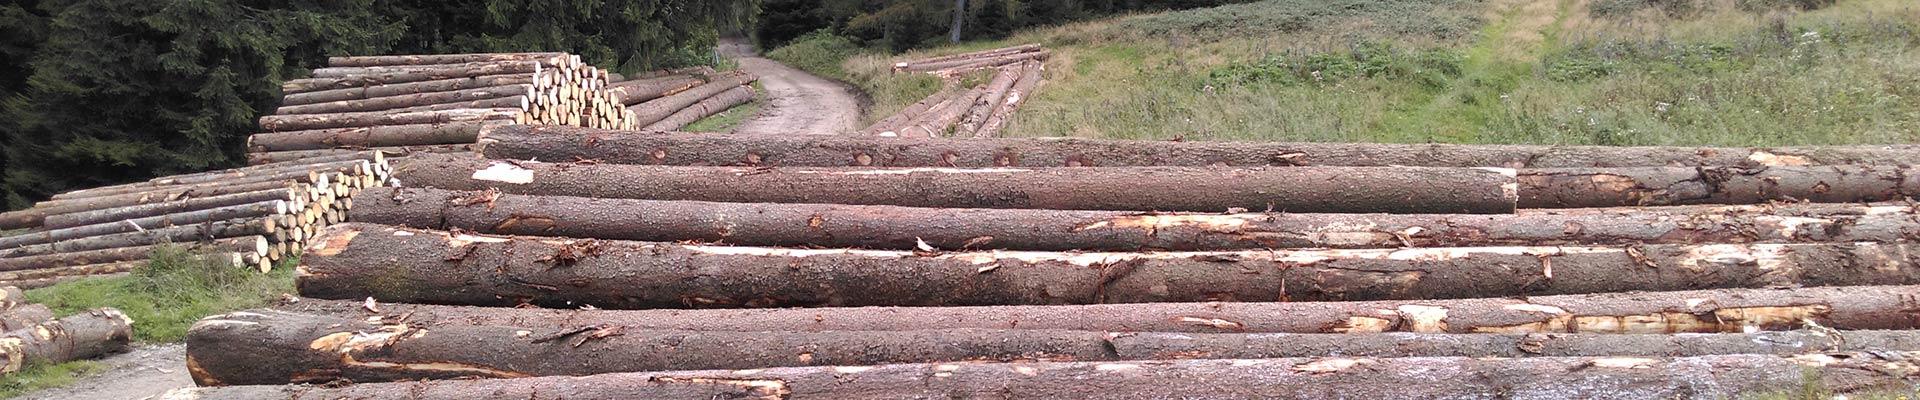 Holzergemeinschaft Bad Oberdorf Holzhandel